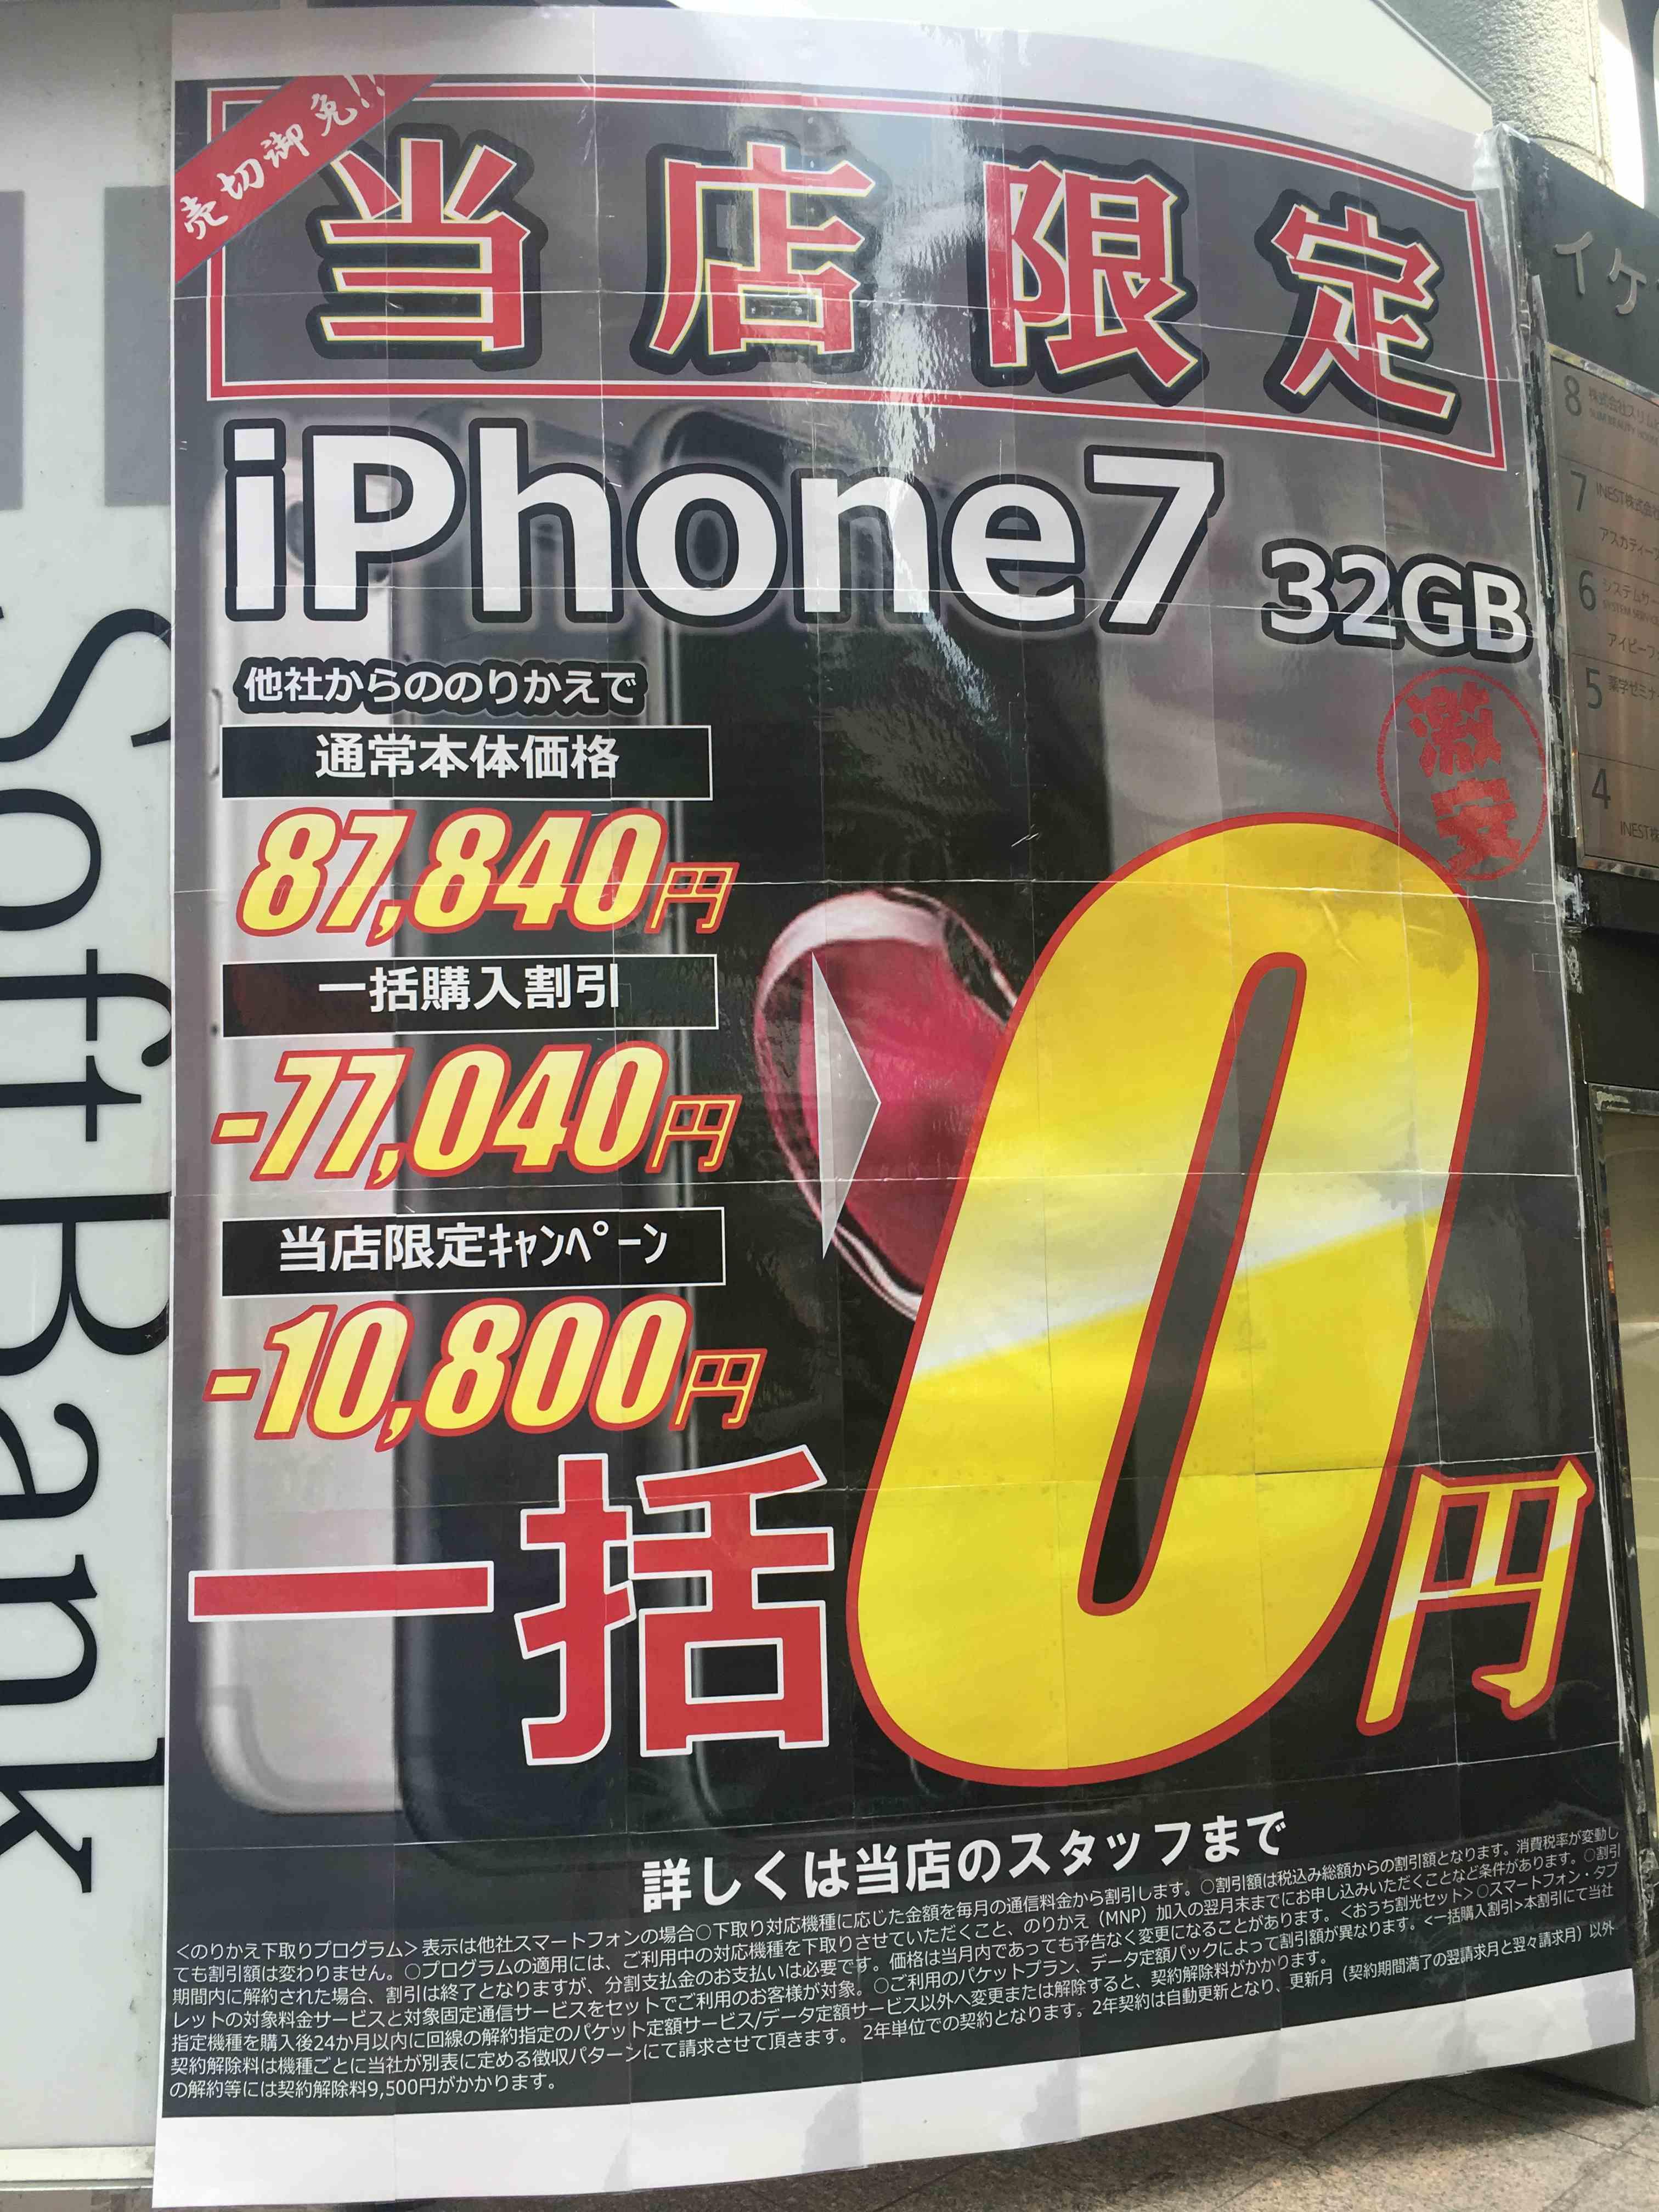 キャリアショップでiPhone7が一括0円など大幅値下げ決行中